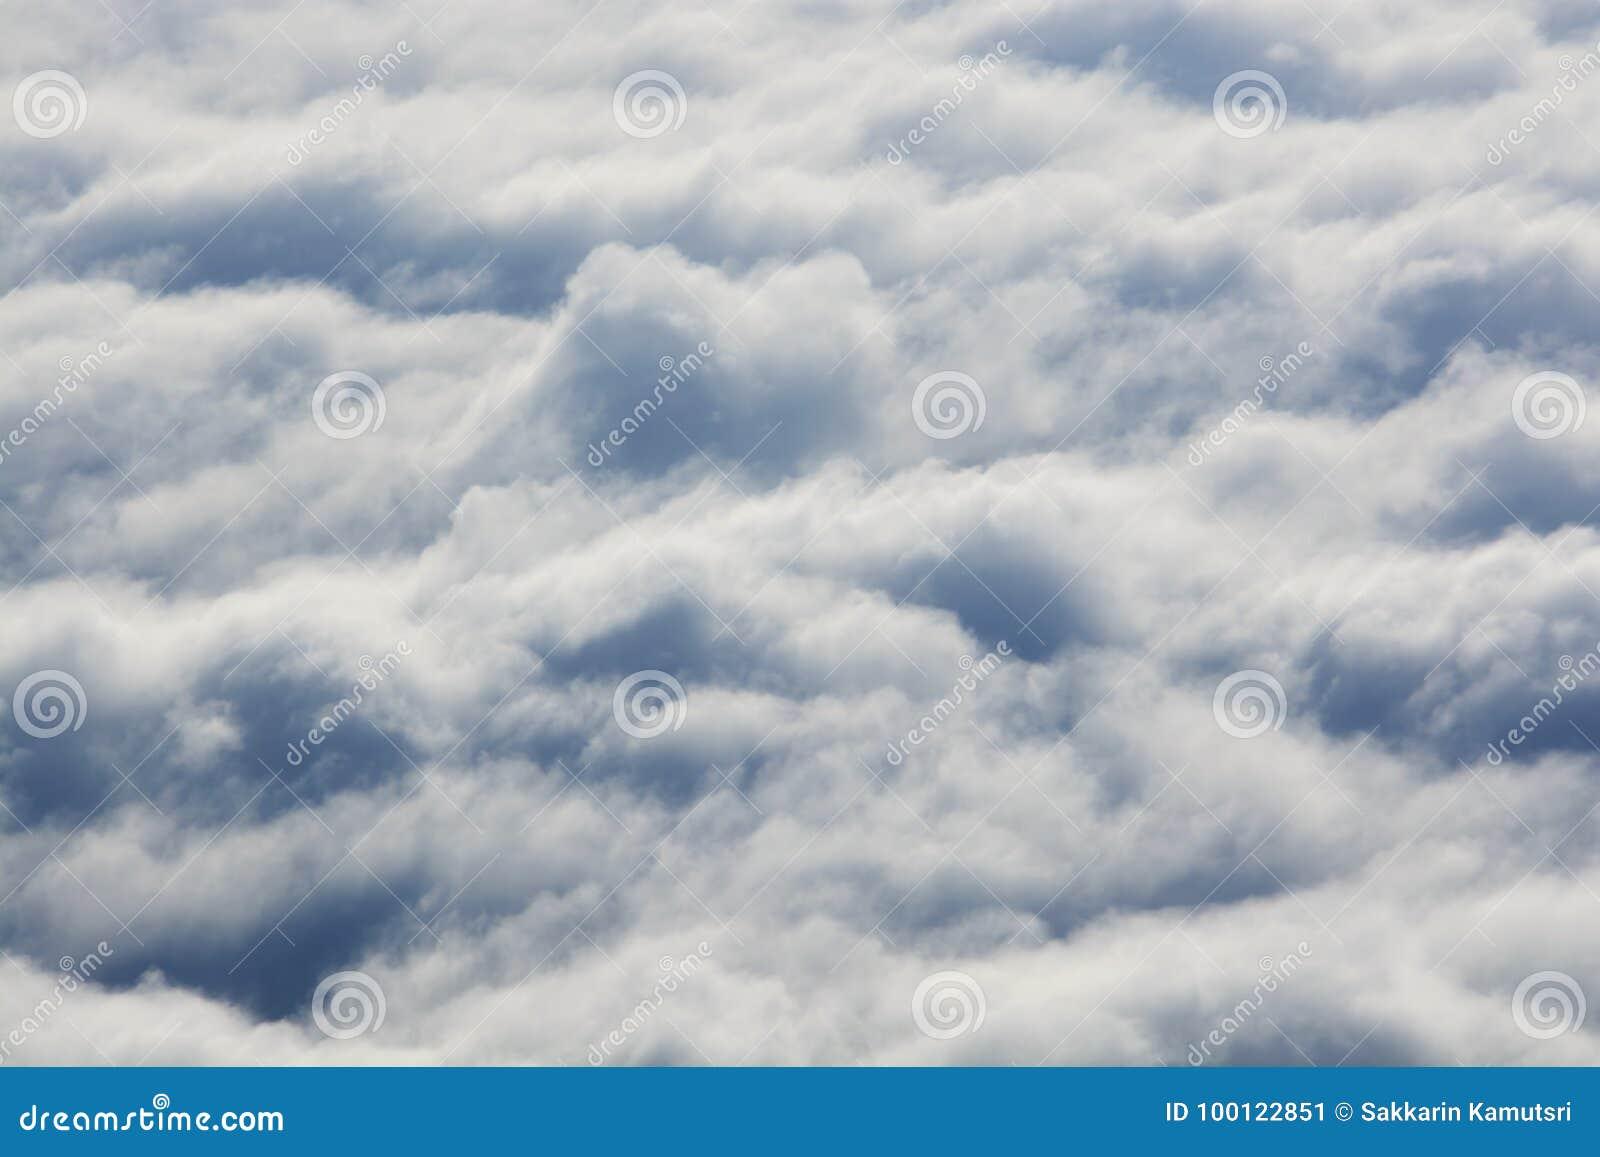 Υψηλότερος από τα σύννεφα επάνω από τα σύννεφα